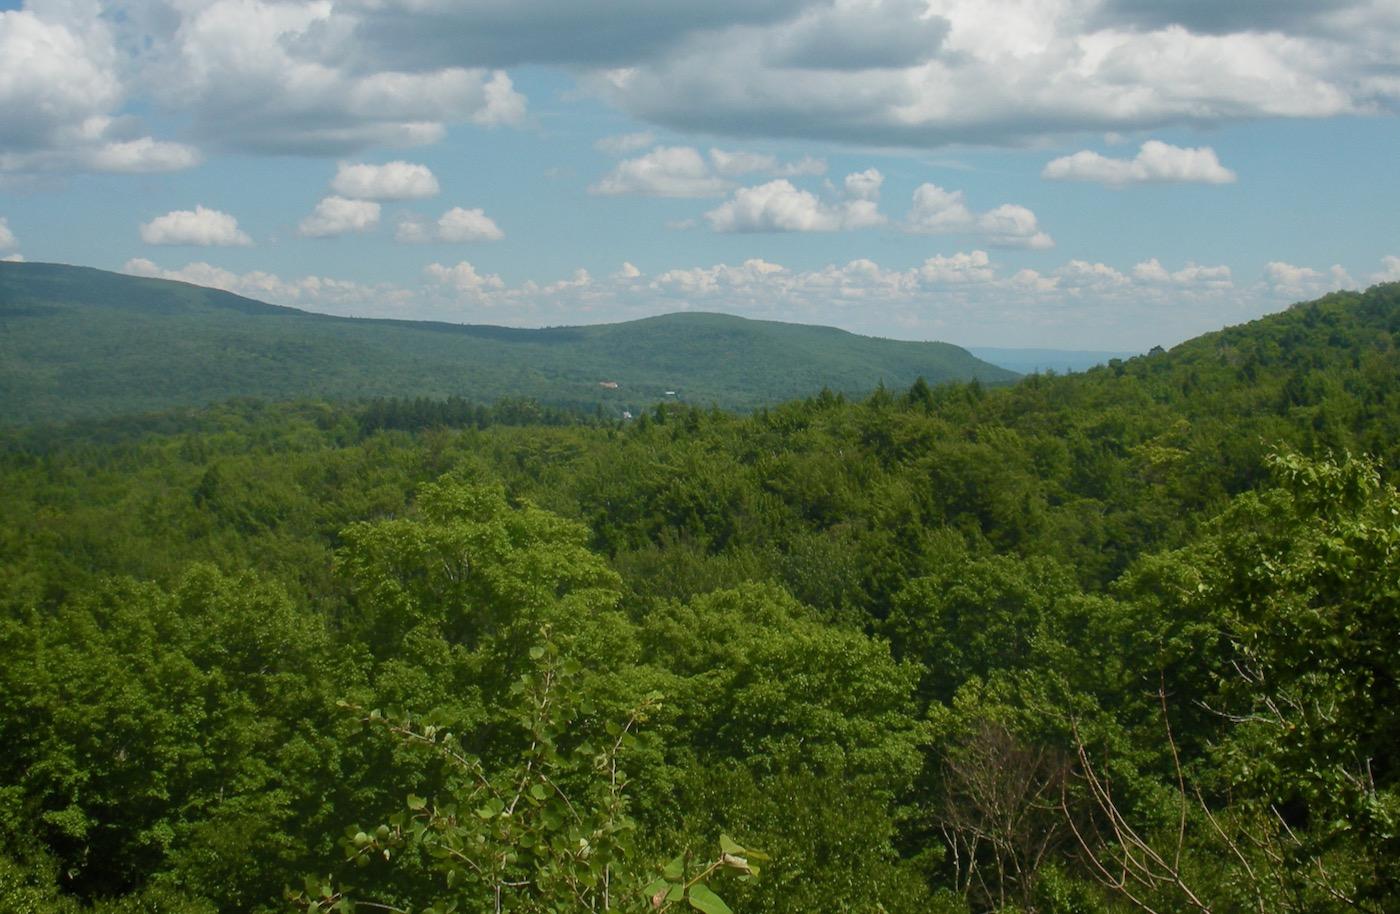 view of Kaaterskill High Peak